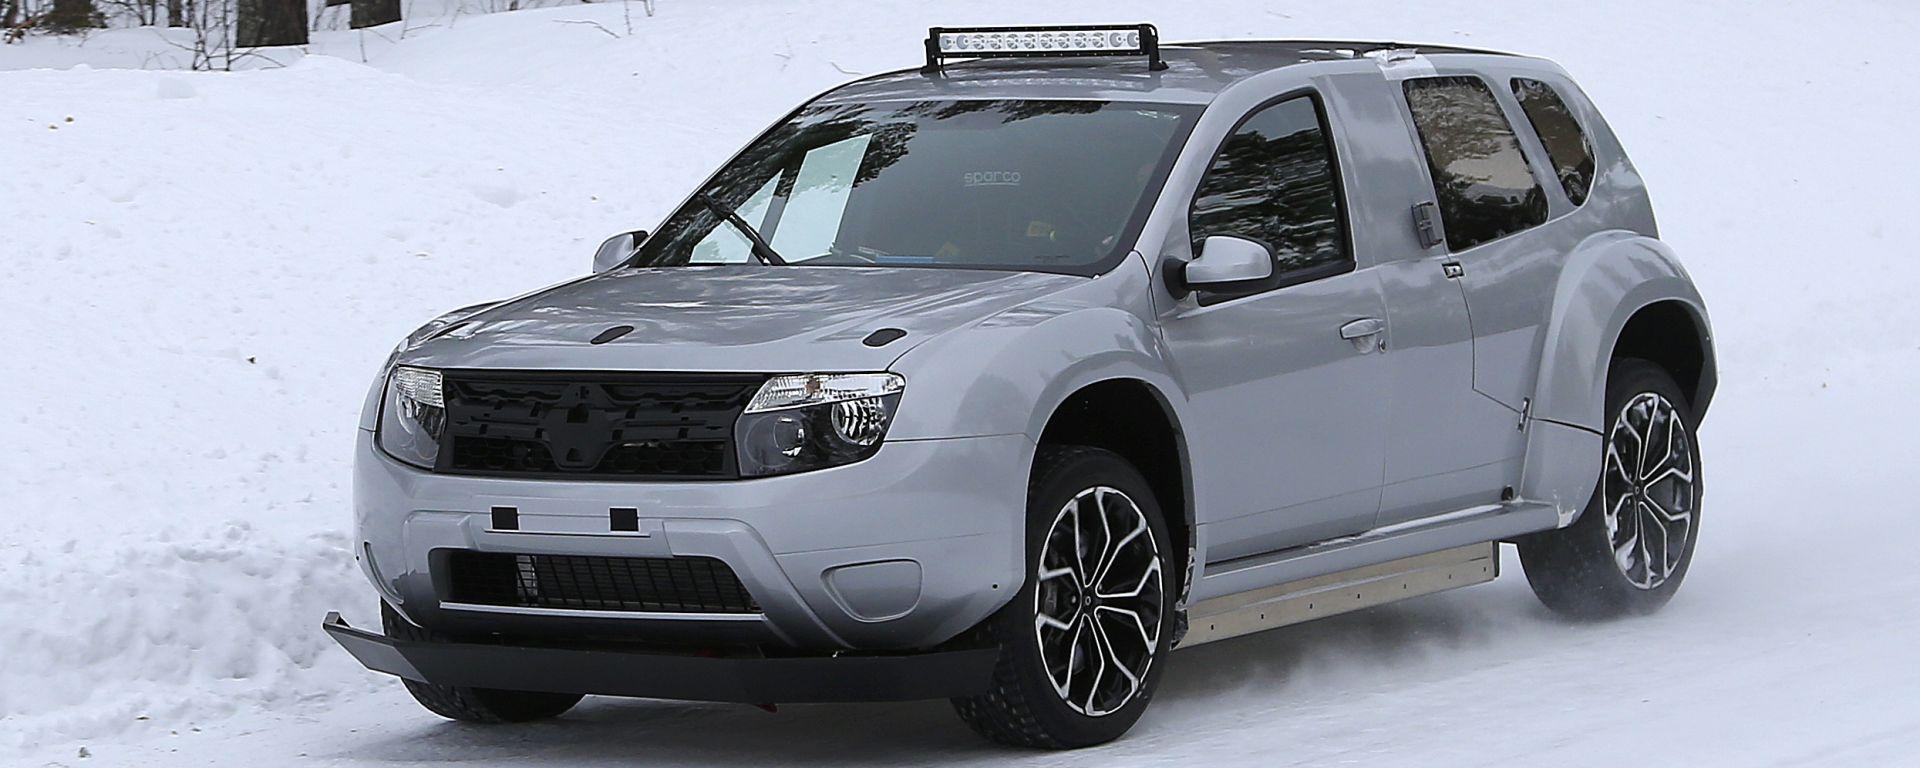 Dacia Duster Elettrica: nel 2020 un EV alla portata di tutti